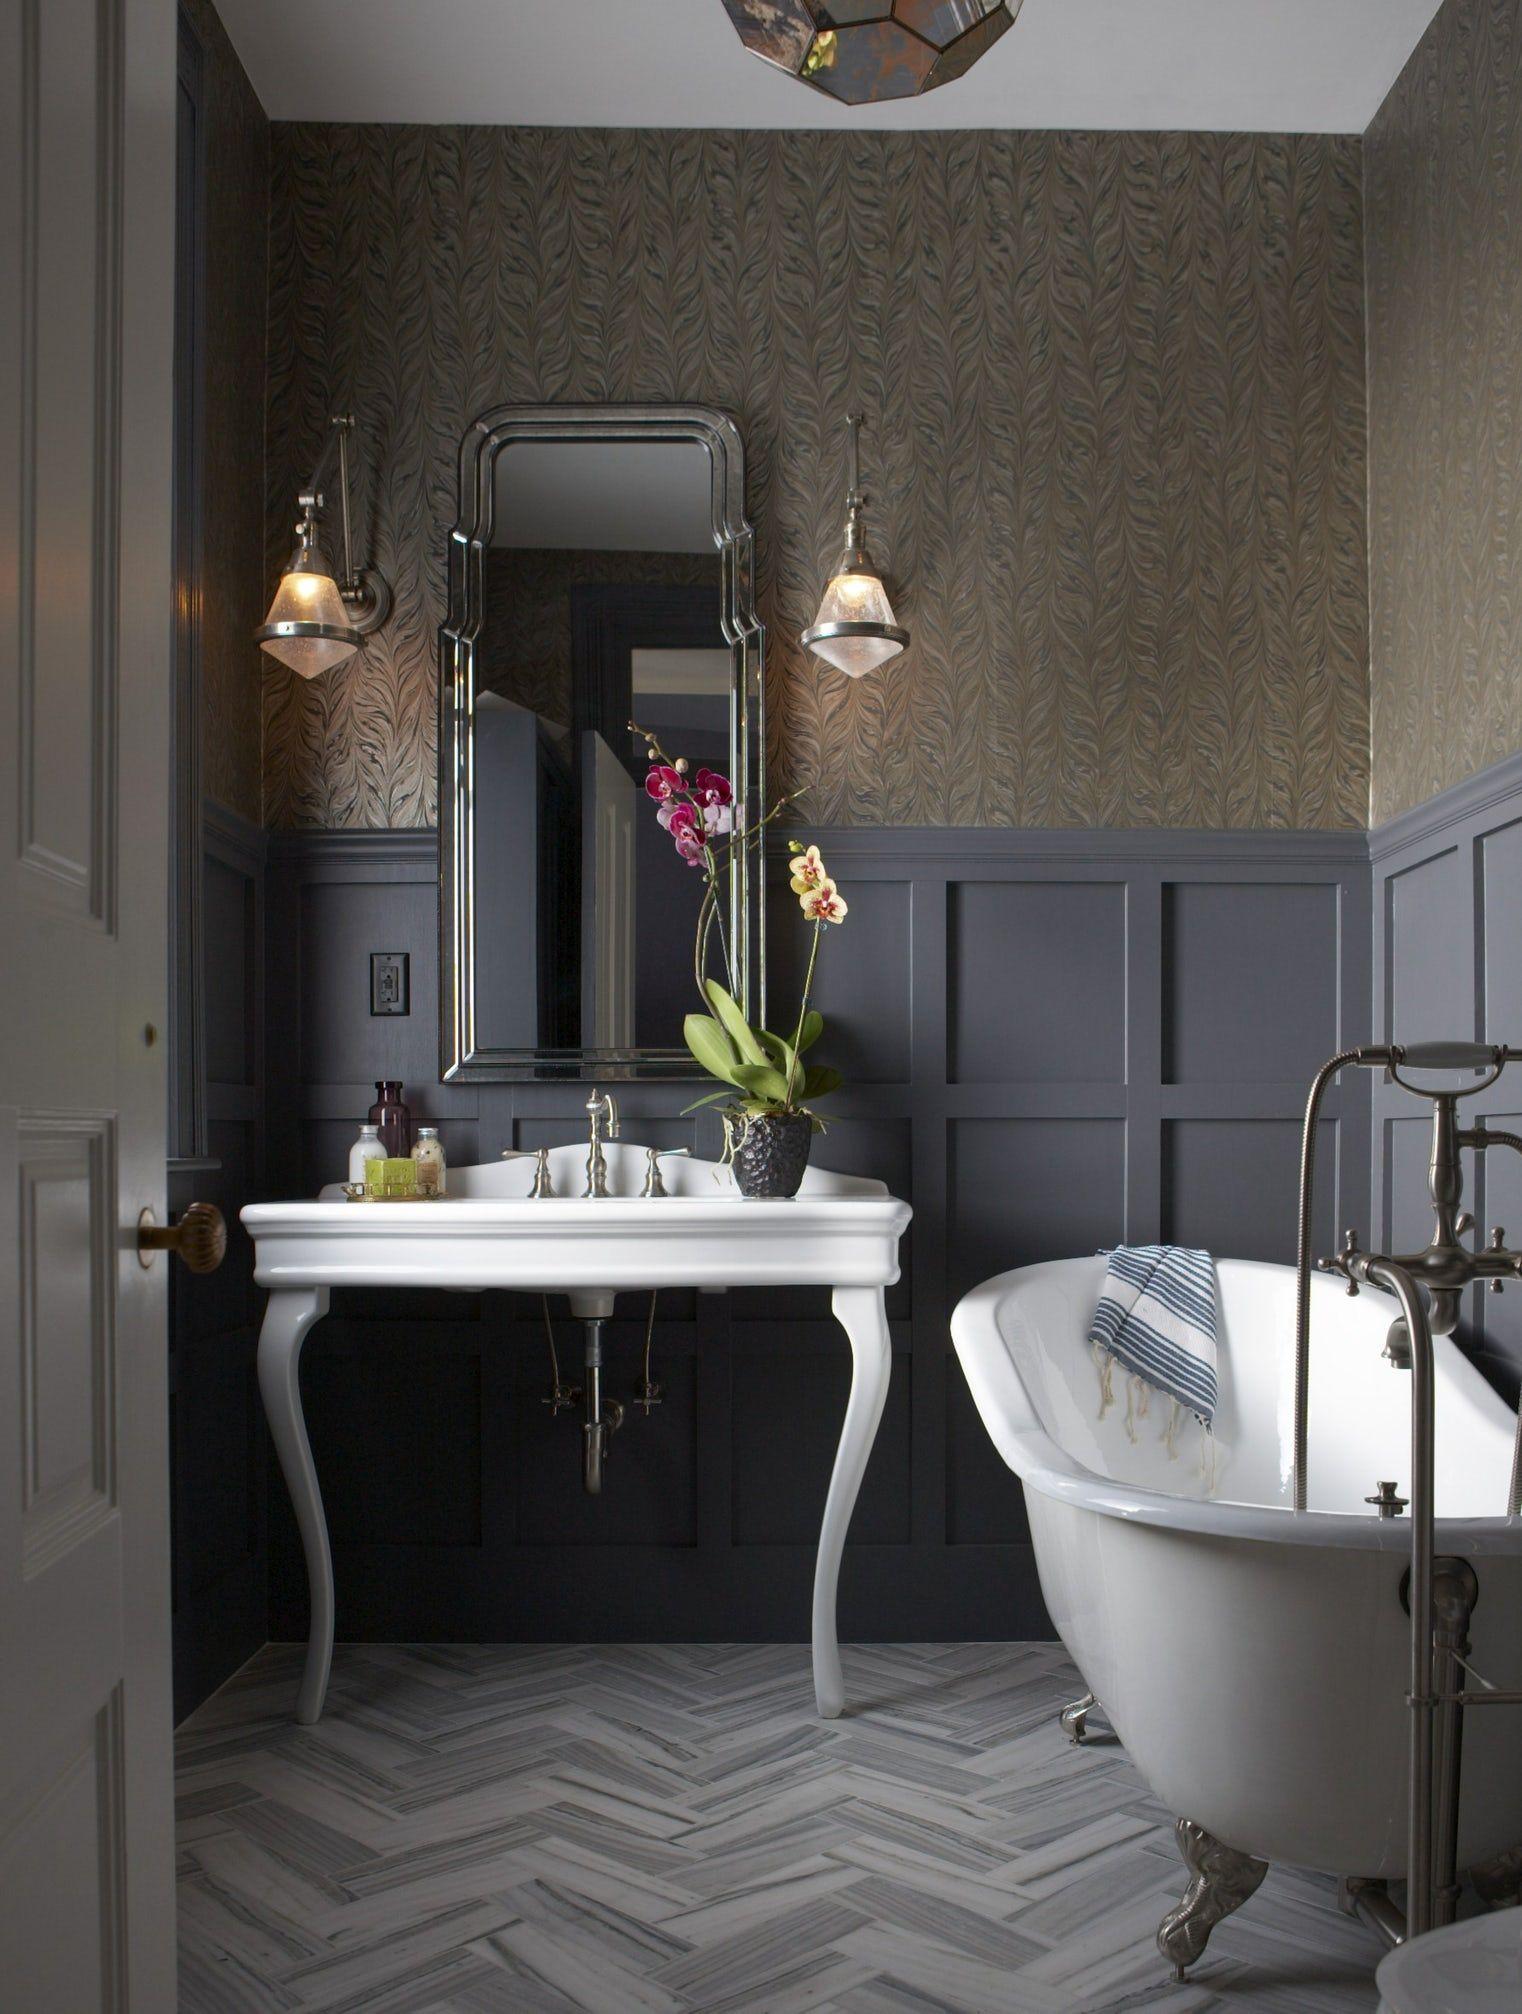 10 Easy Ways To A Spa Like Bathroom